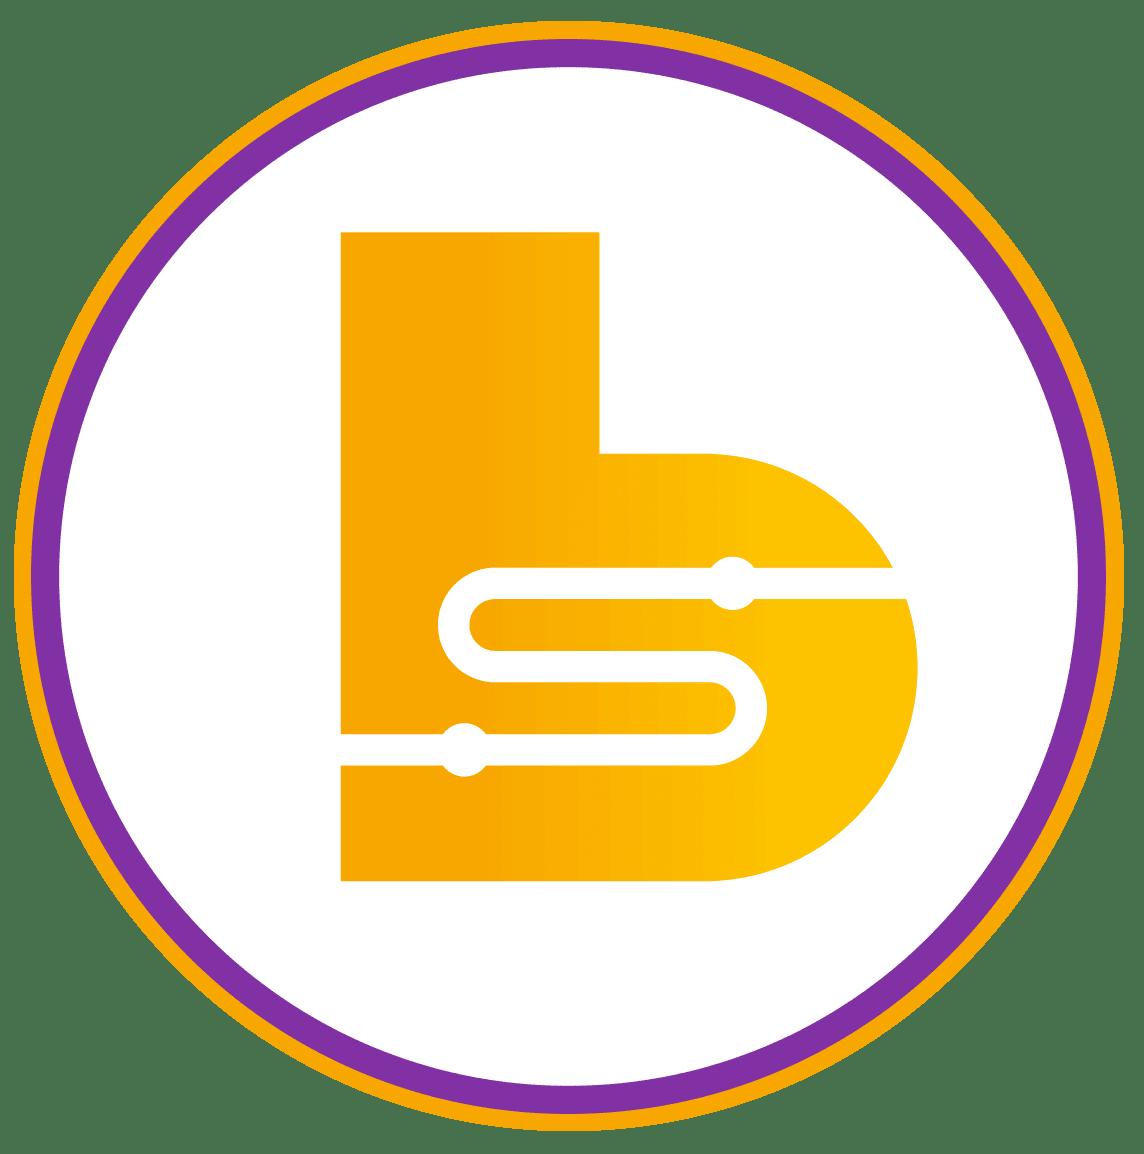 B Circle Logo with border